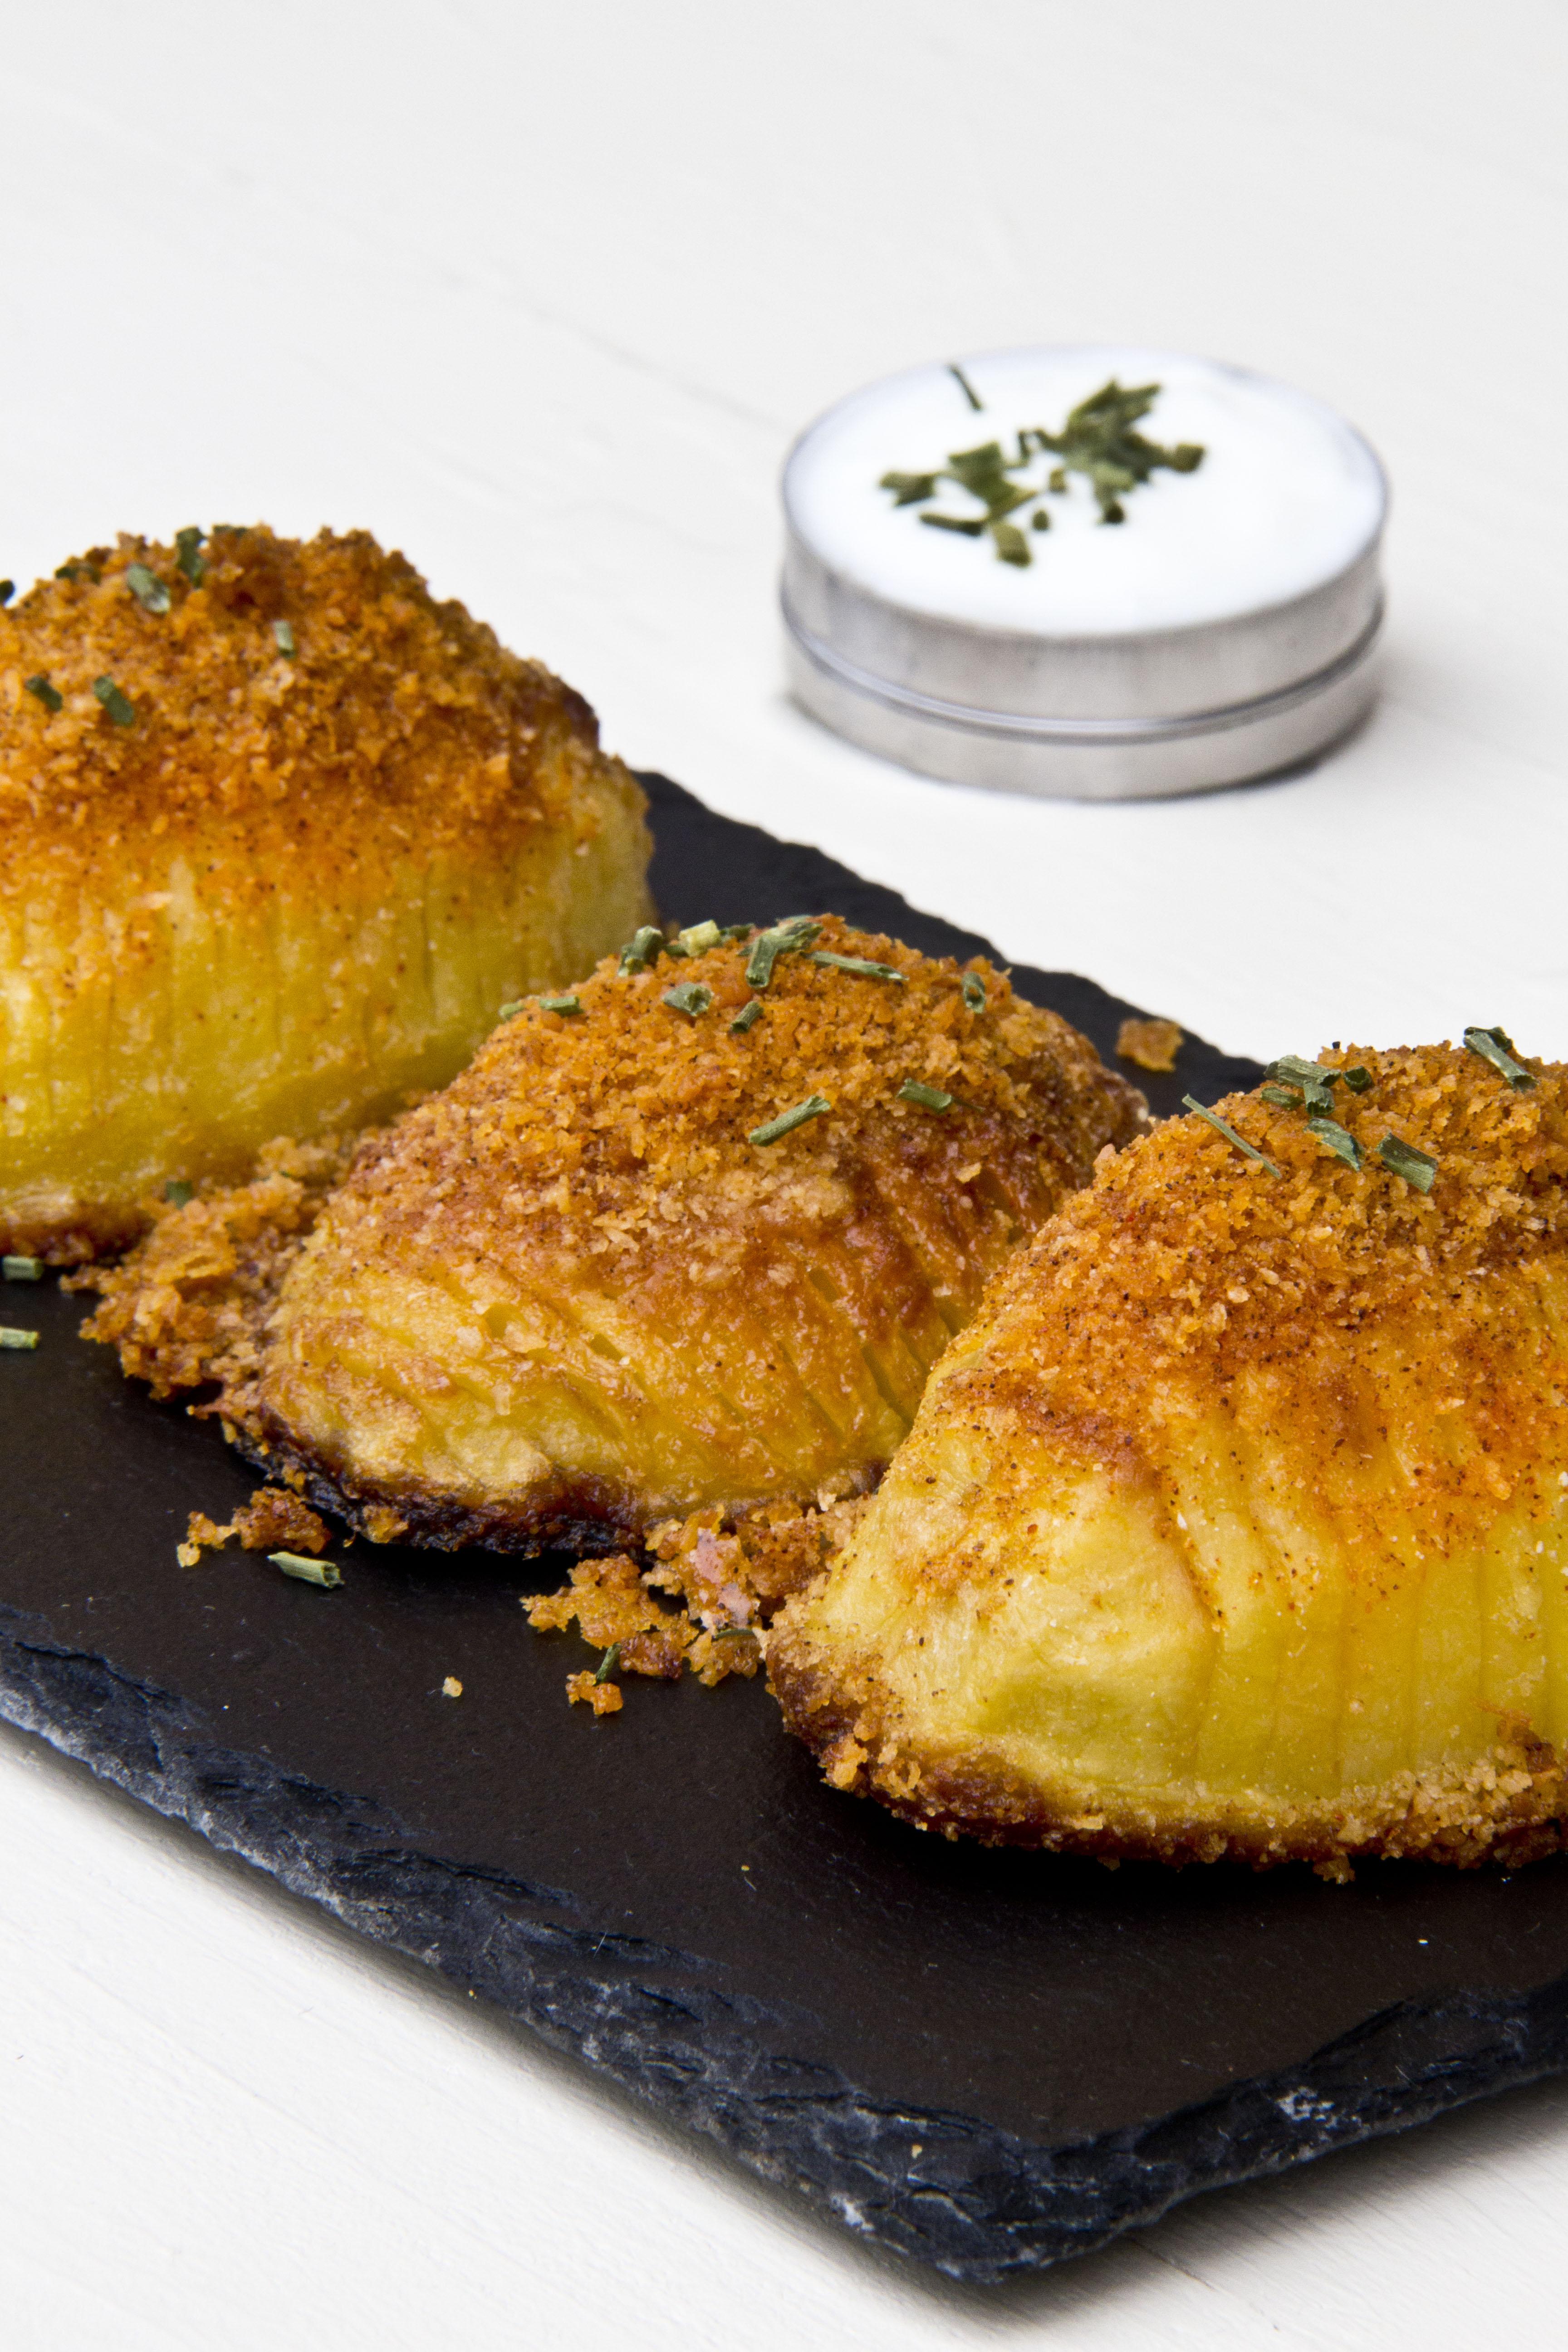 PATATE HASSELBACK al formaggio | croccanti, gustose e facilissime